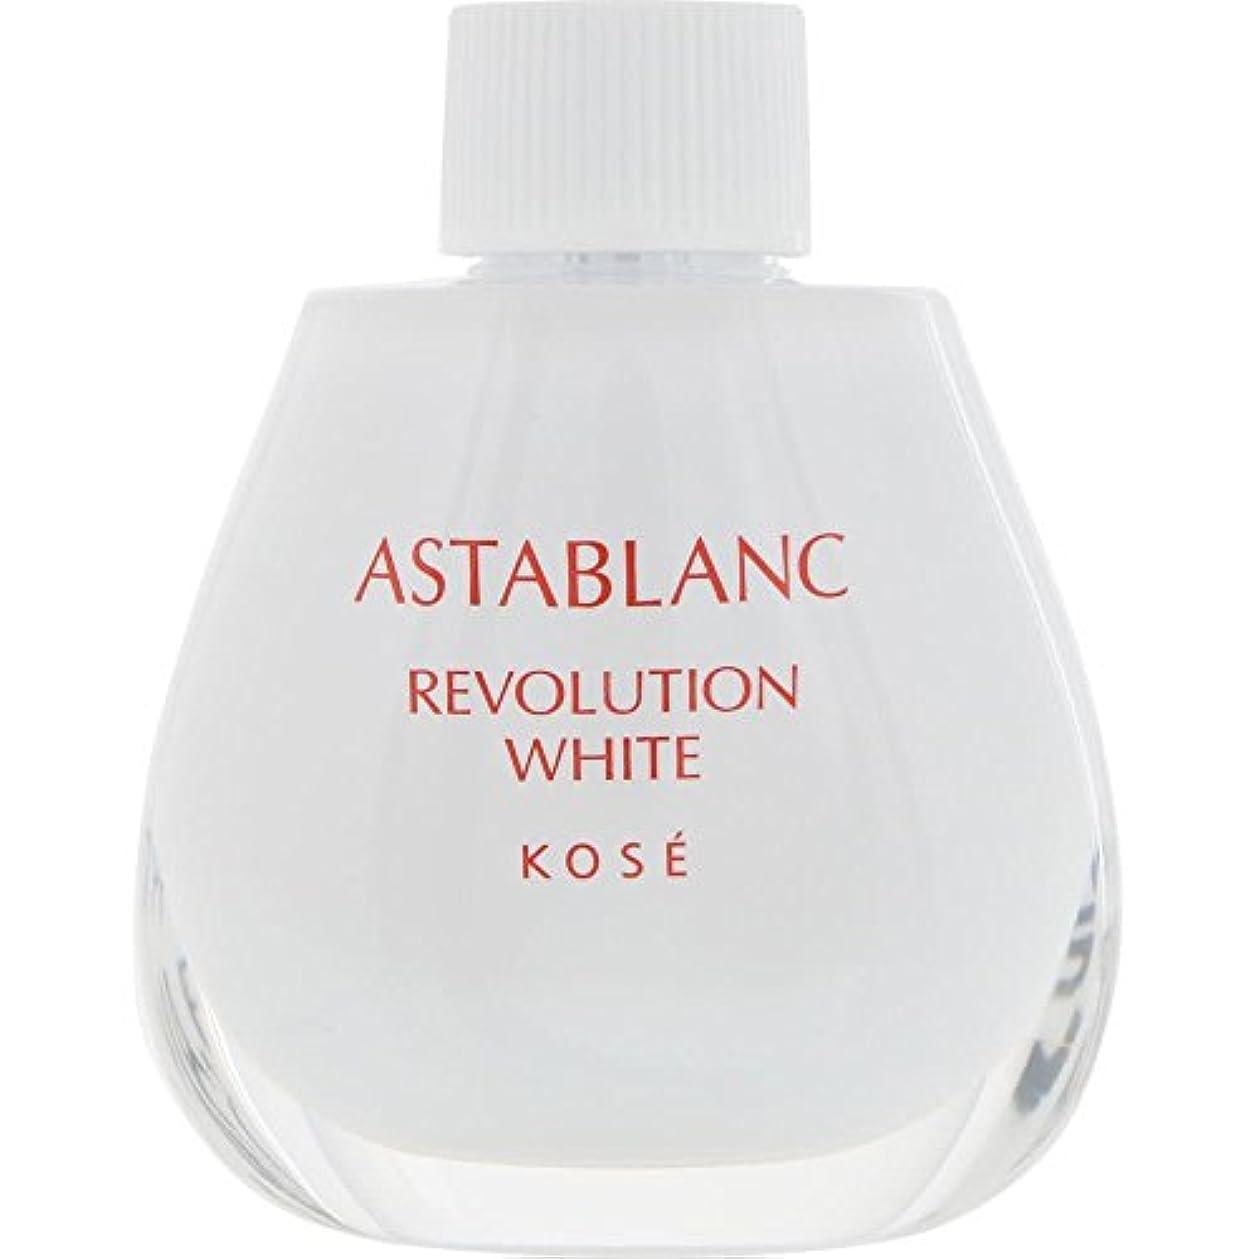 枕コート鉱石[医薬部外品] アスタブラン レボリューション ホワイト (付けかえ用) 30mL